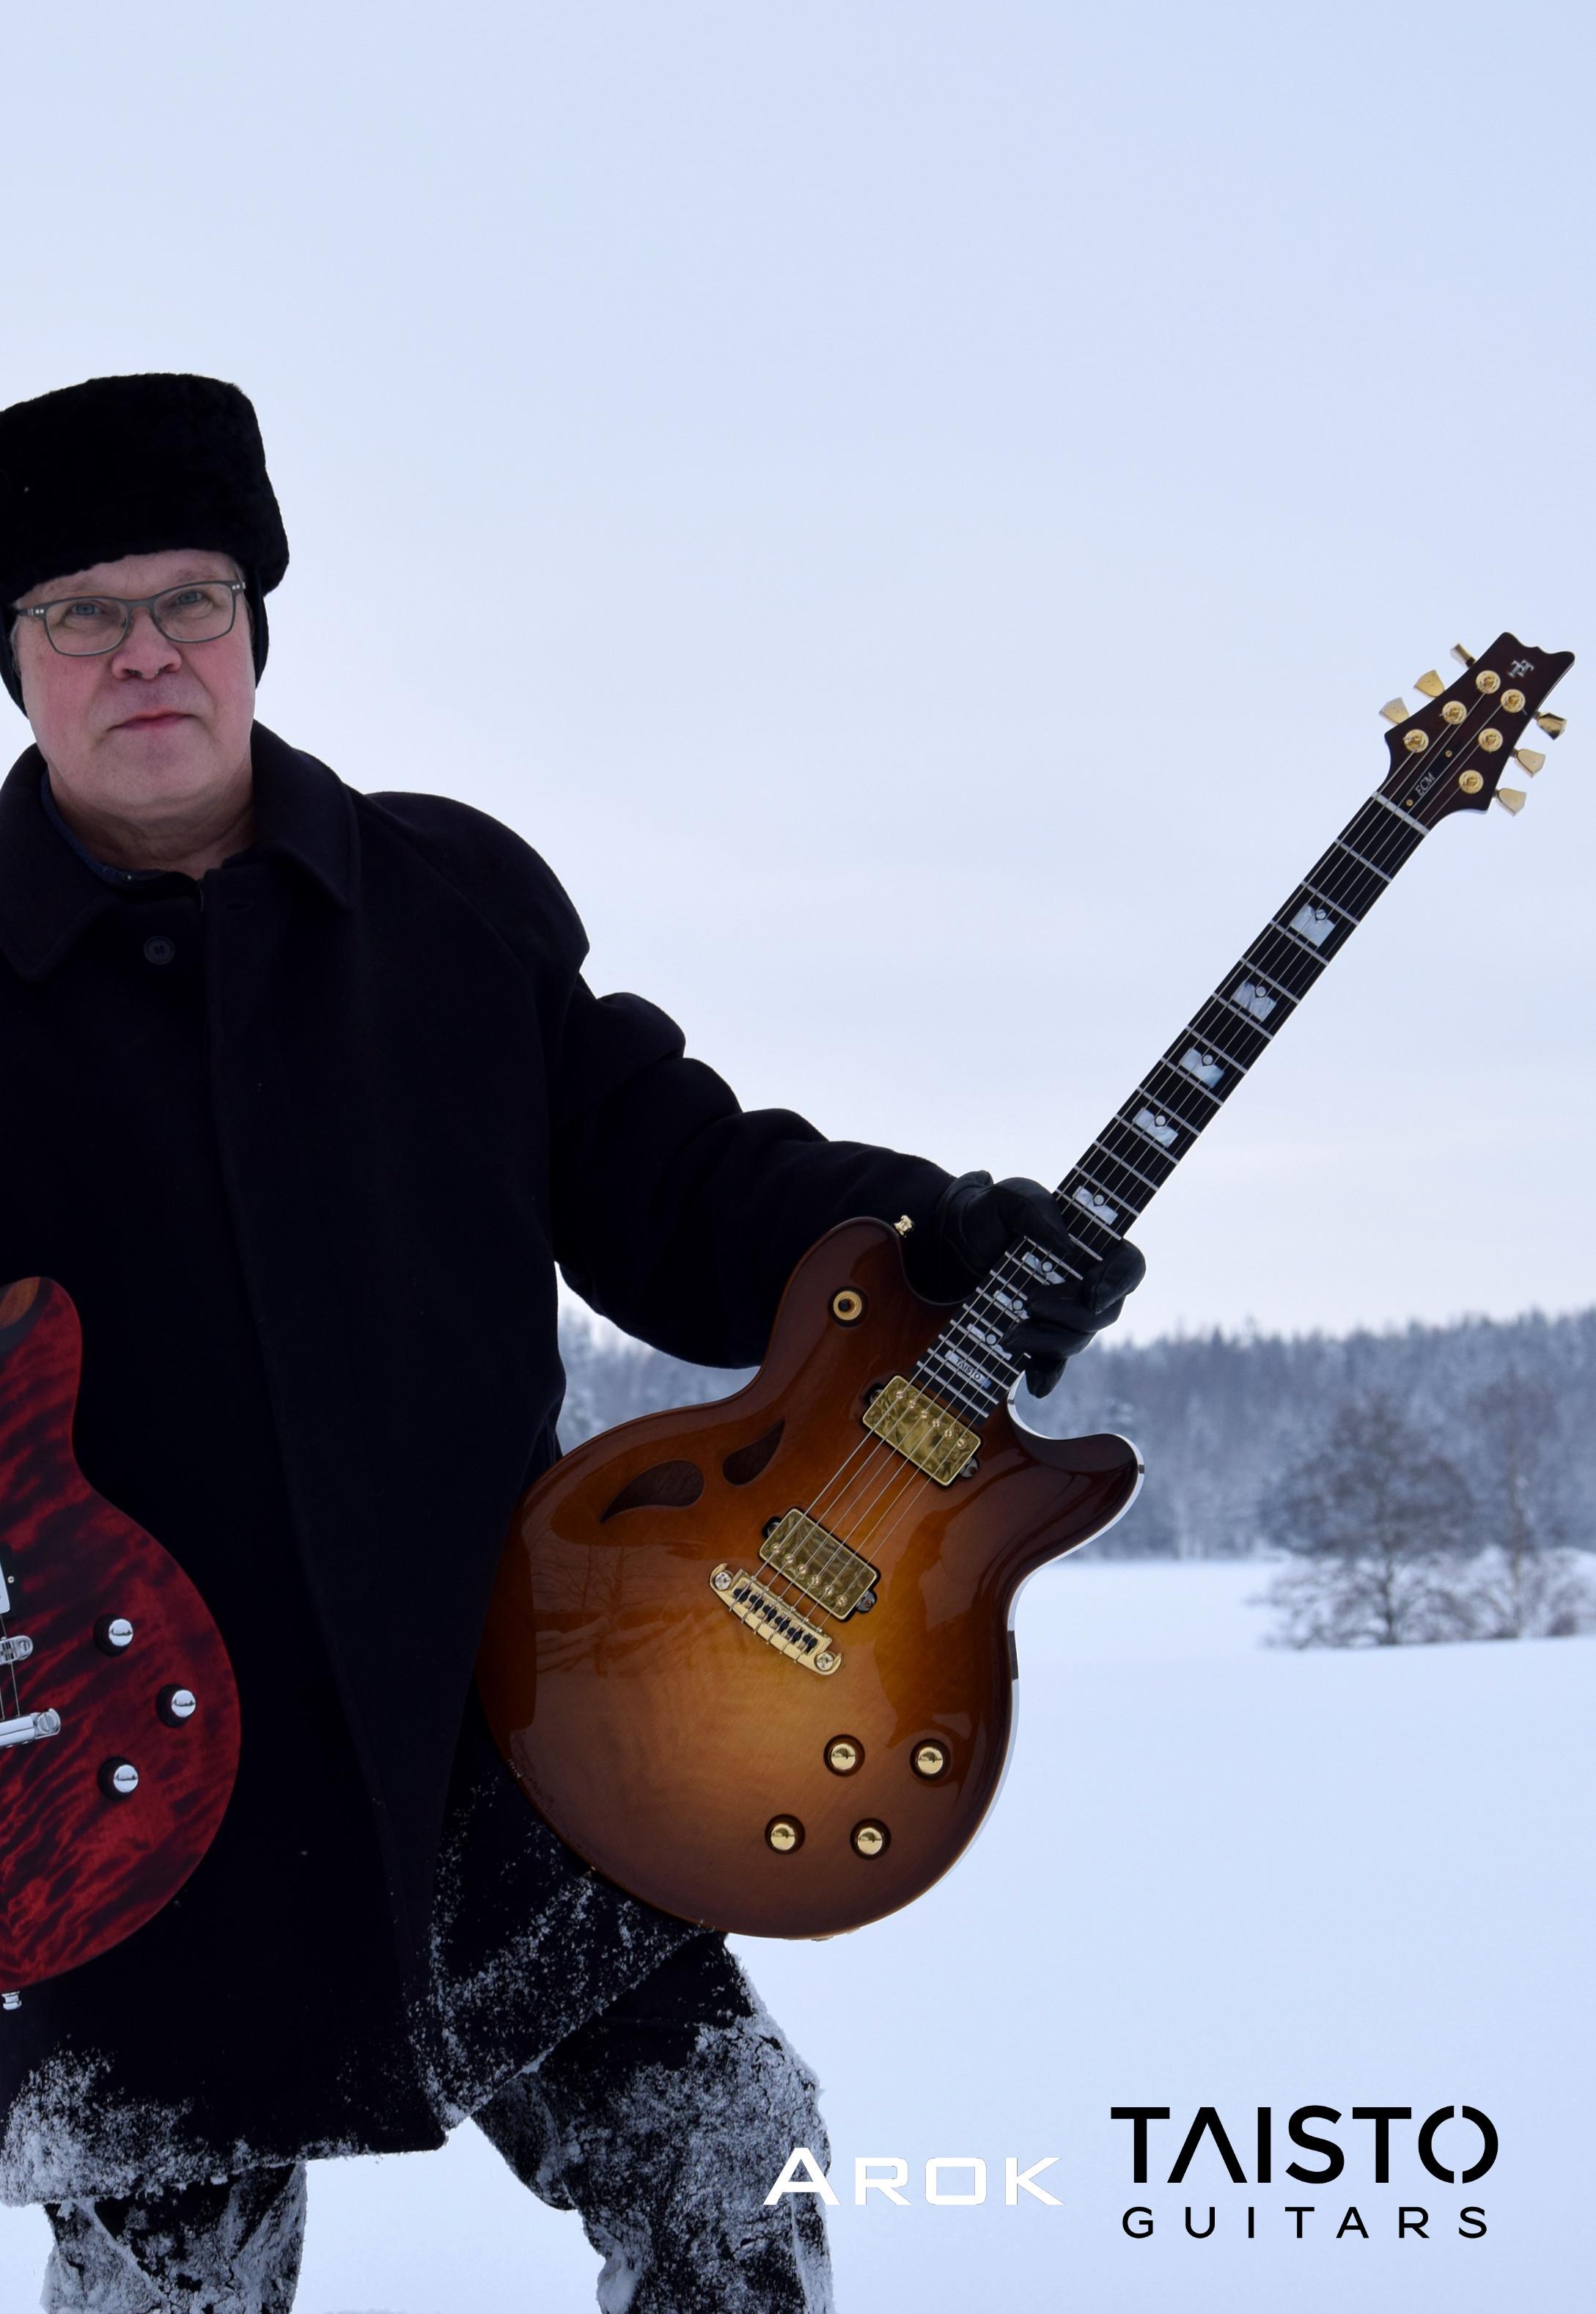 Taisto Guitars - Lempäälä